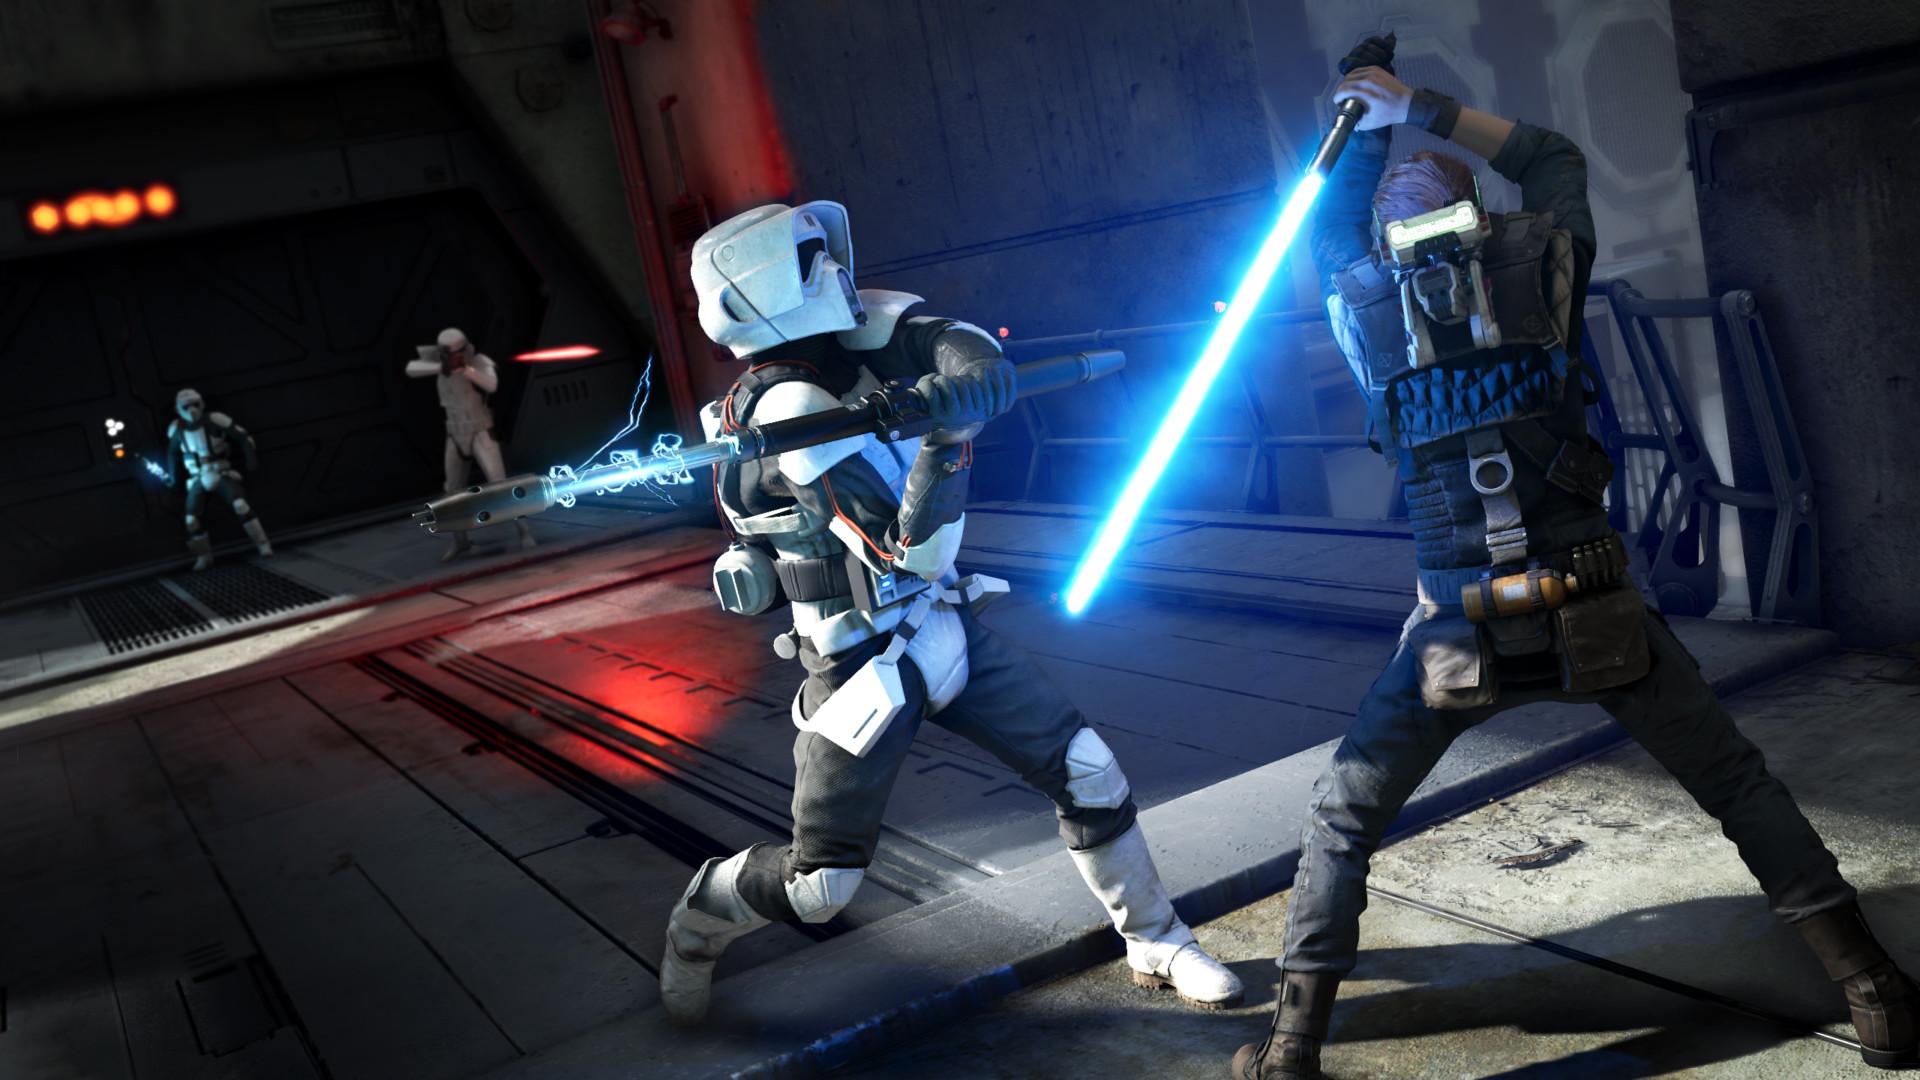 Los juegos de Star Wars superan los mil millones de dólares en ganancias